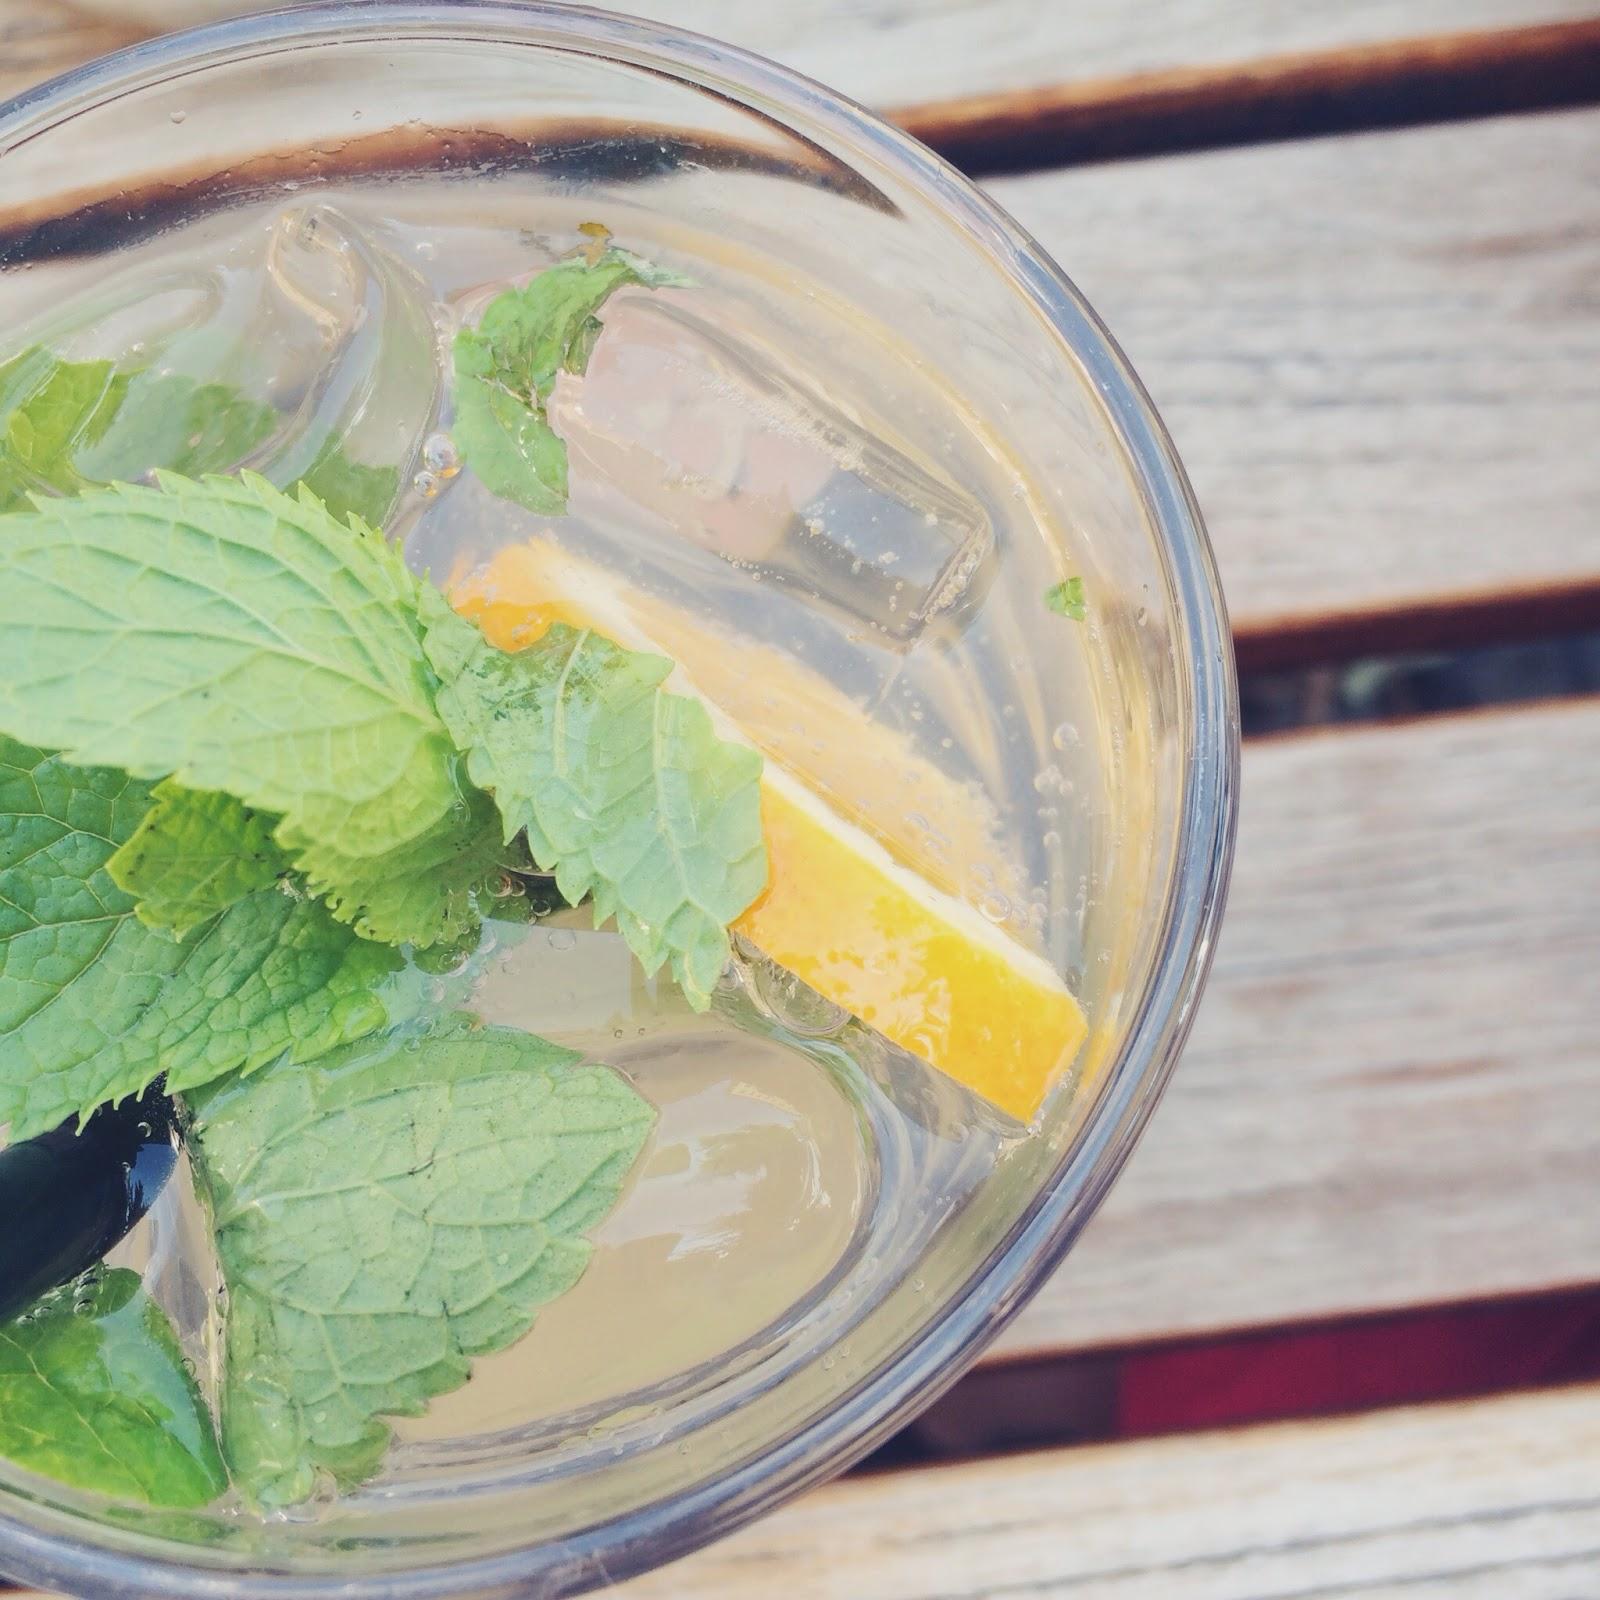 Limonade am heißen Sommertag